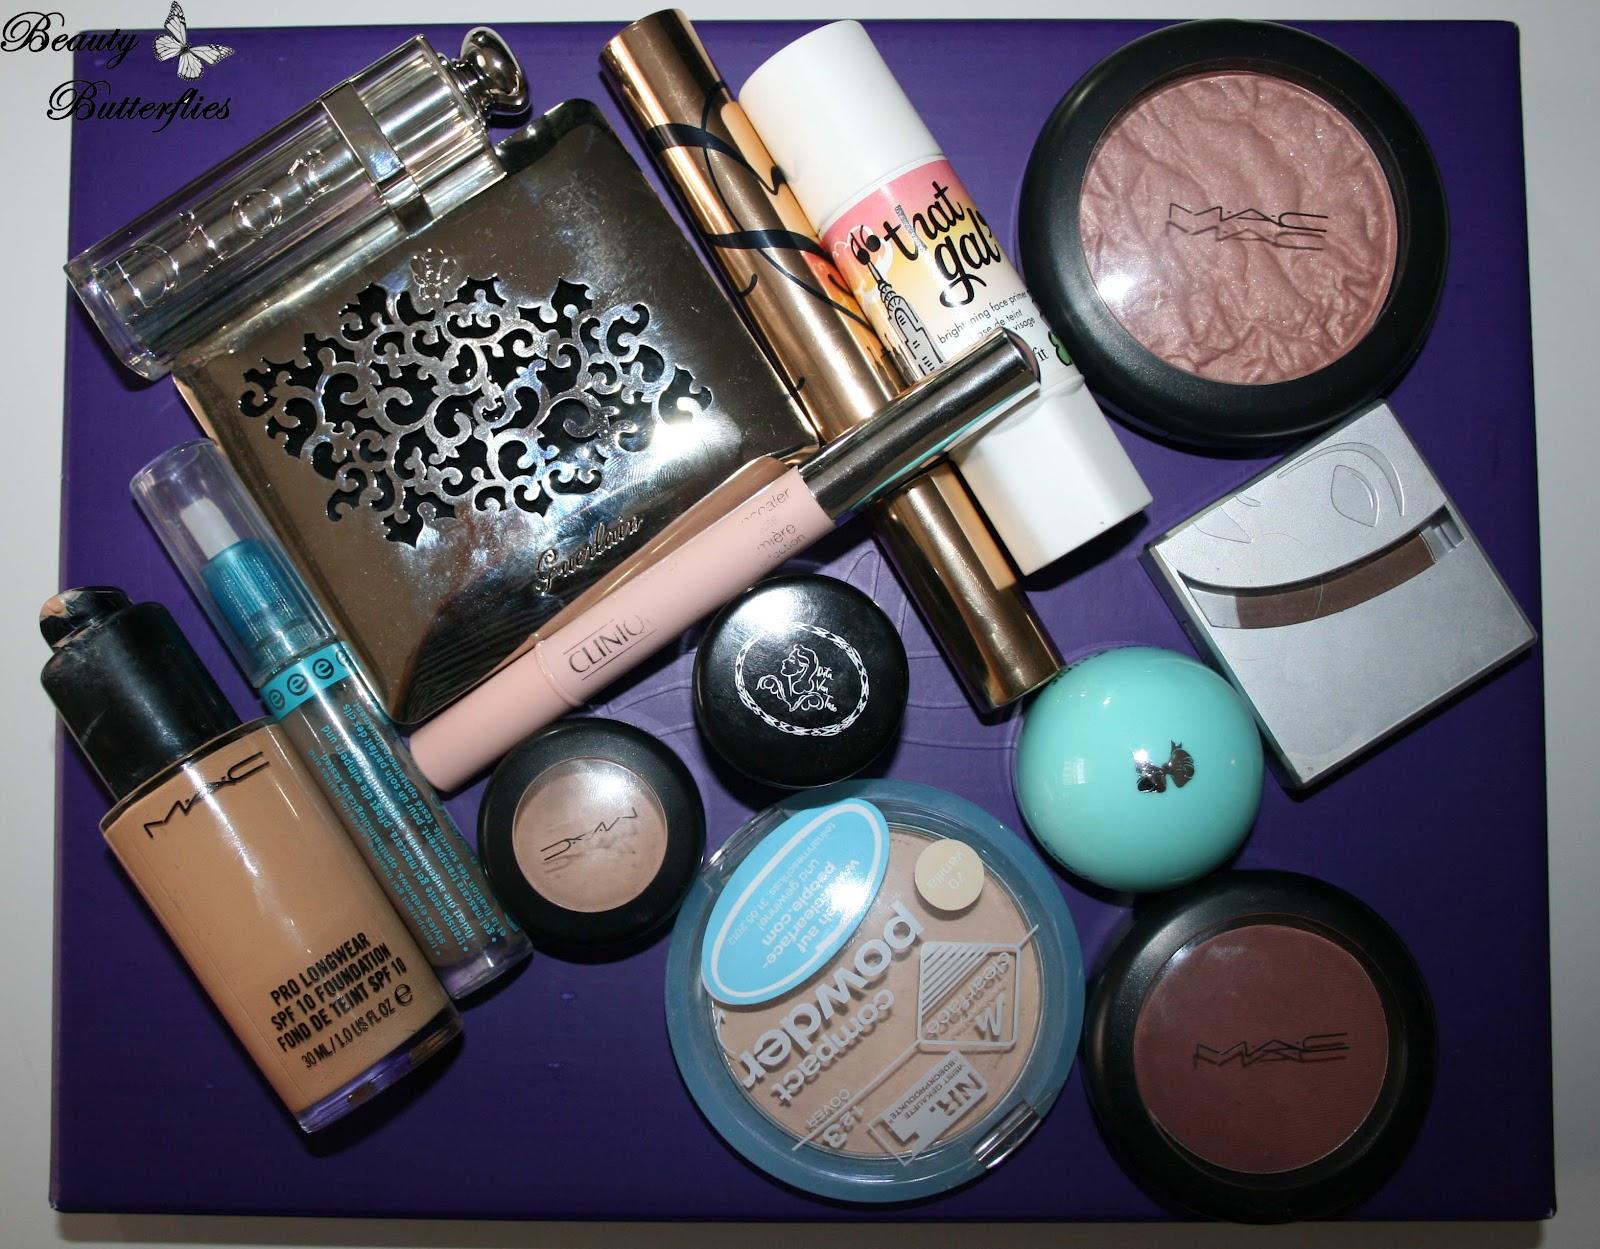 http://4.bp.blogspot.com/-594Jbc7VQLo/UEu8mYAZFhI/AAAAAAAAZ1w/x5wyrhkZjSA/s1600/TAG+Produkte.jpg